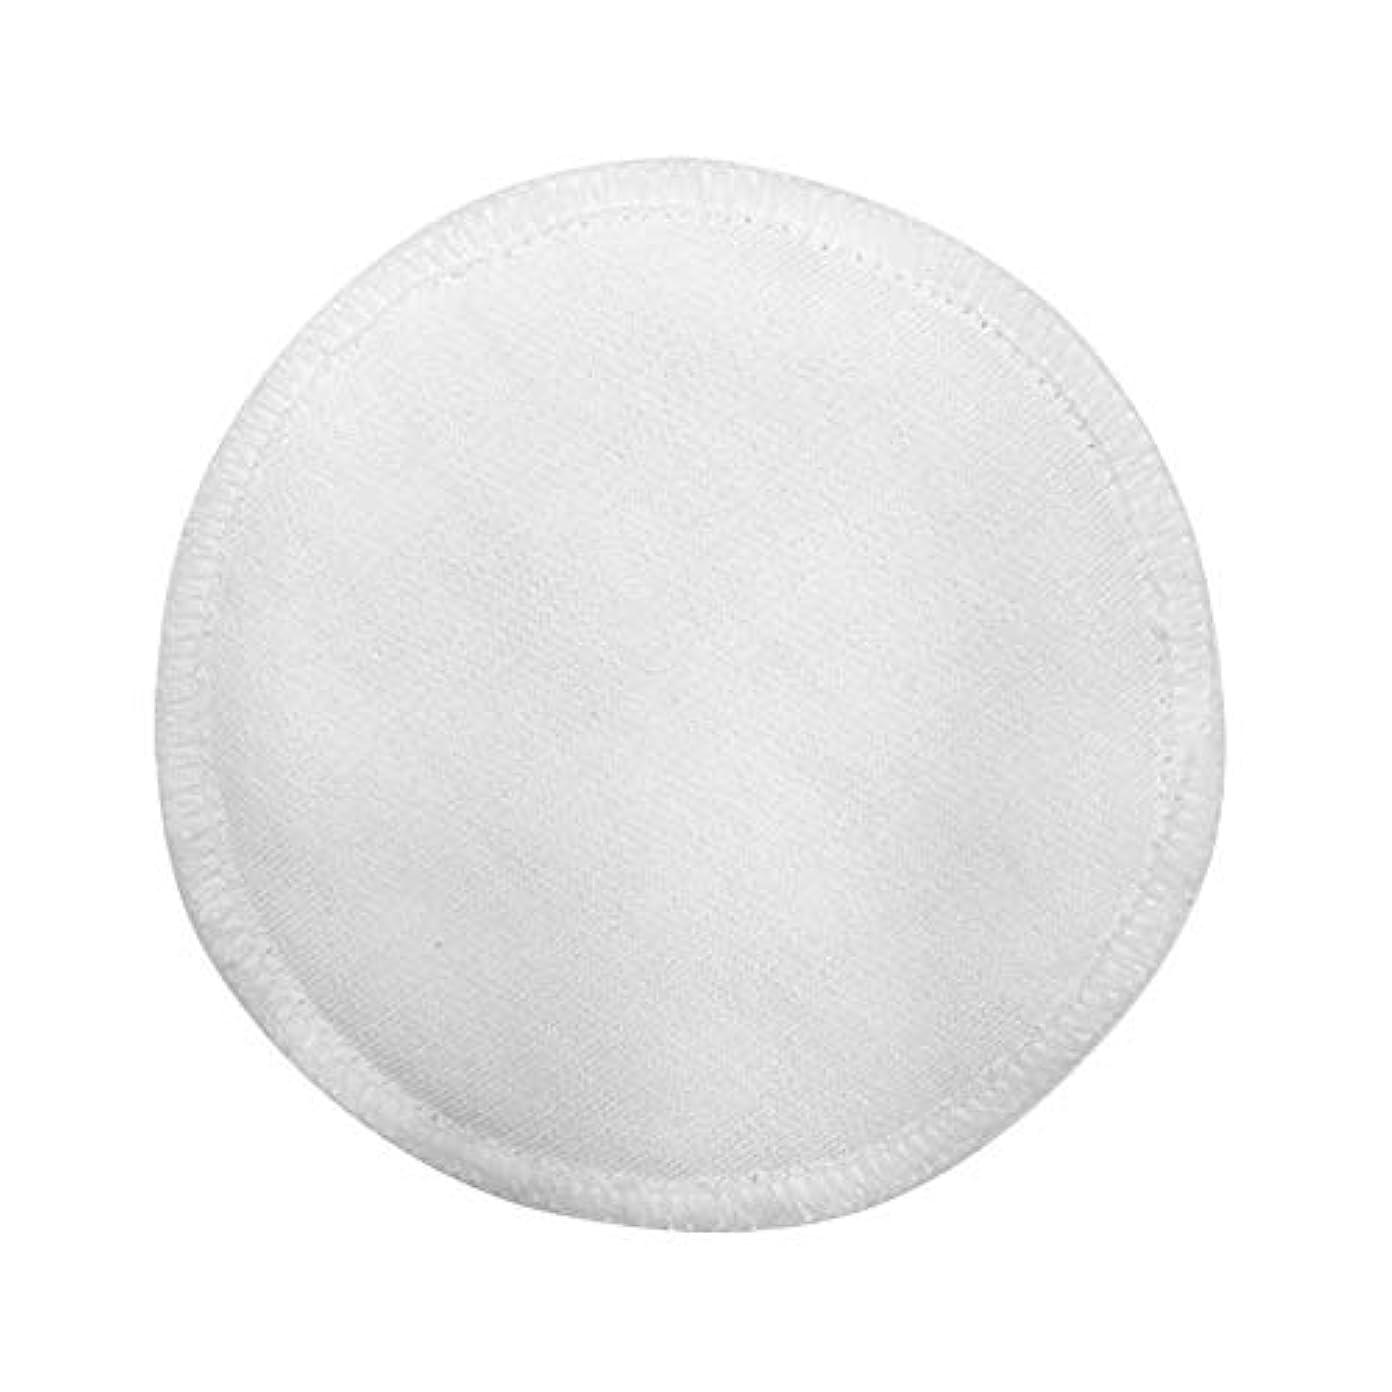 つなぐ精通したハントメイク落としパッド 低刺激性 吸水性 柔らかい 耐久性 再利用可能 軽量 ポータブル 使いやすい メッシュバッグ付き 16個 クレンジングパッド 洗顔 お手入れが簡単